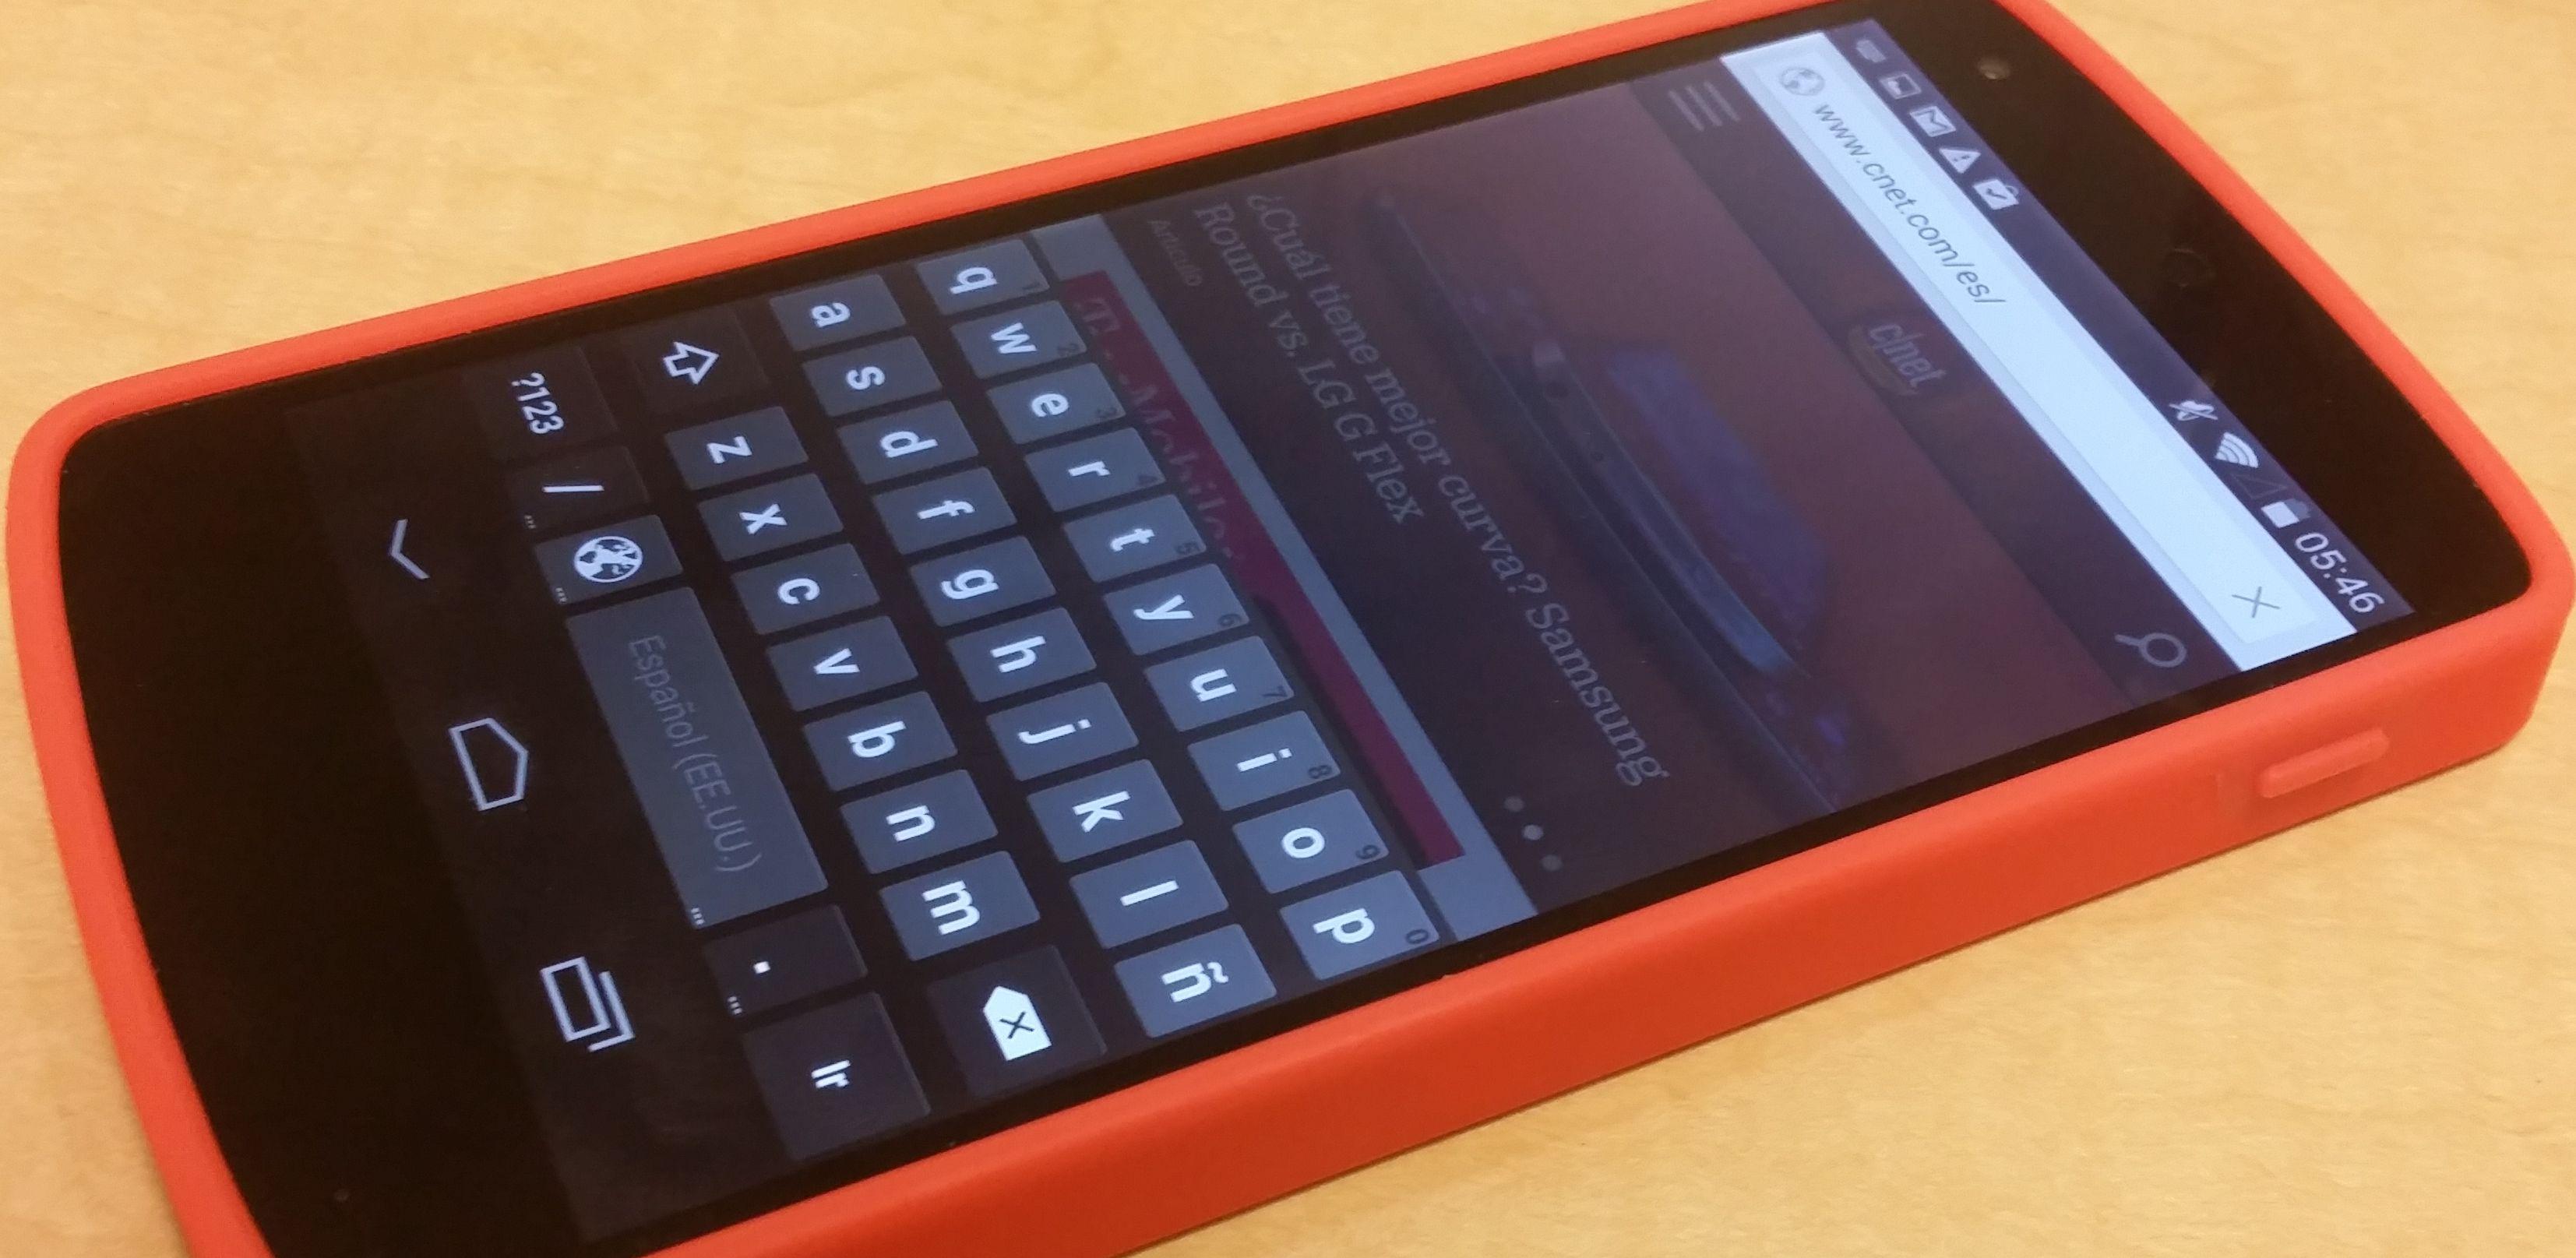 Come mettere la tastiera in russo su qualsiasi dispositivo? 6